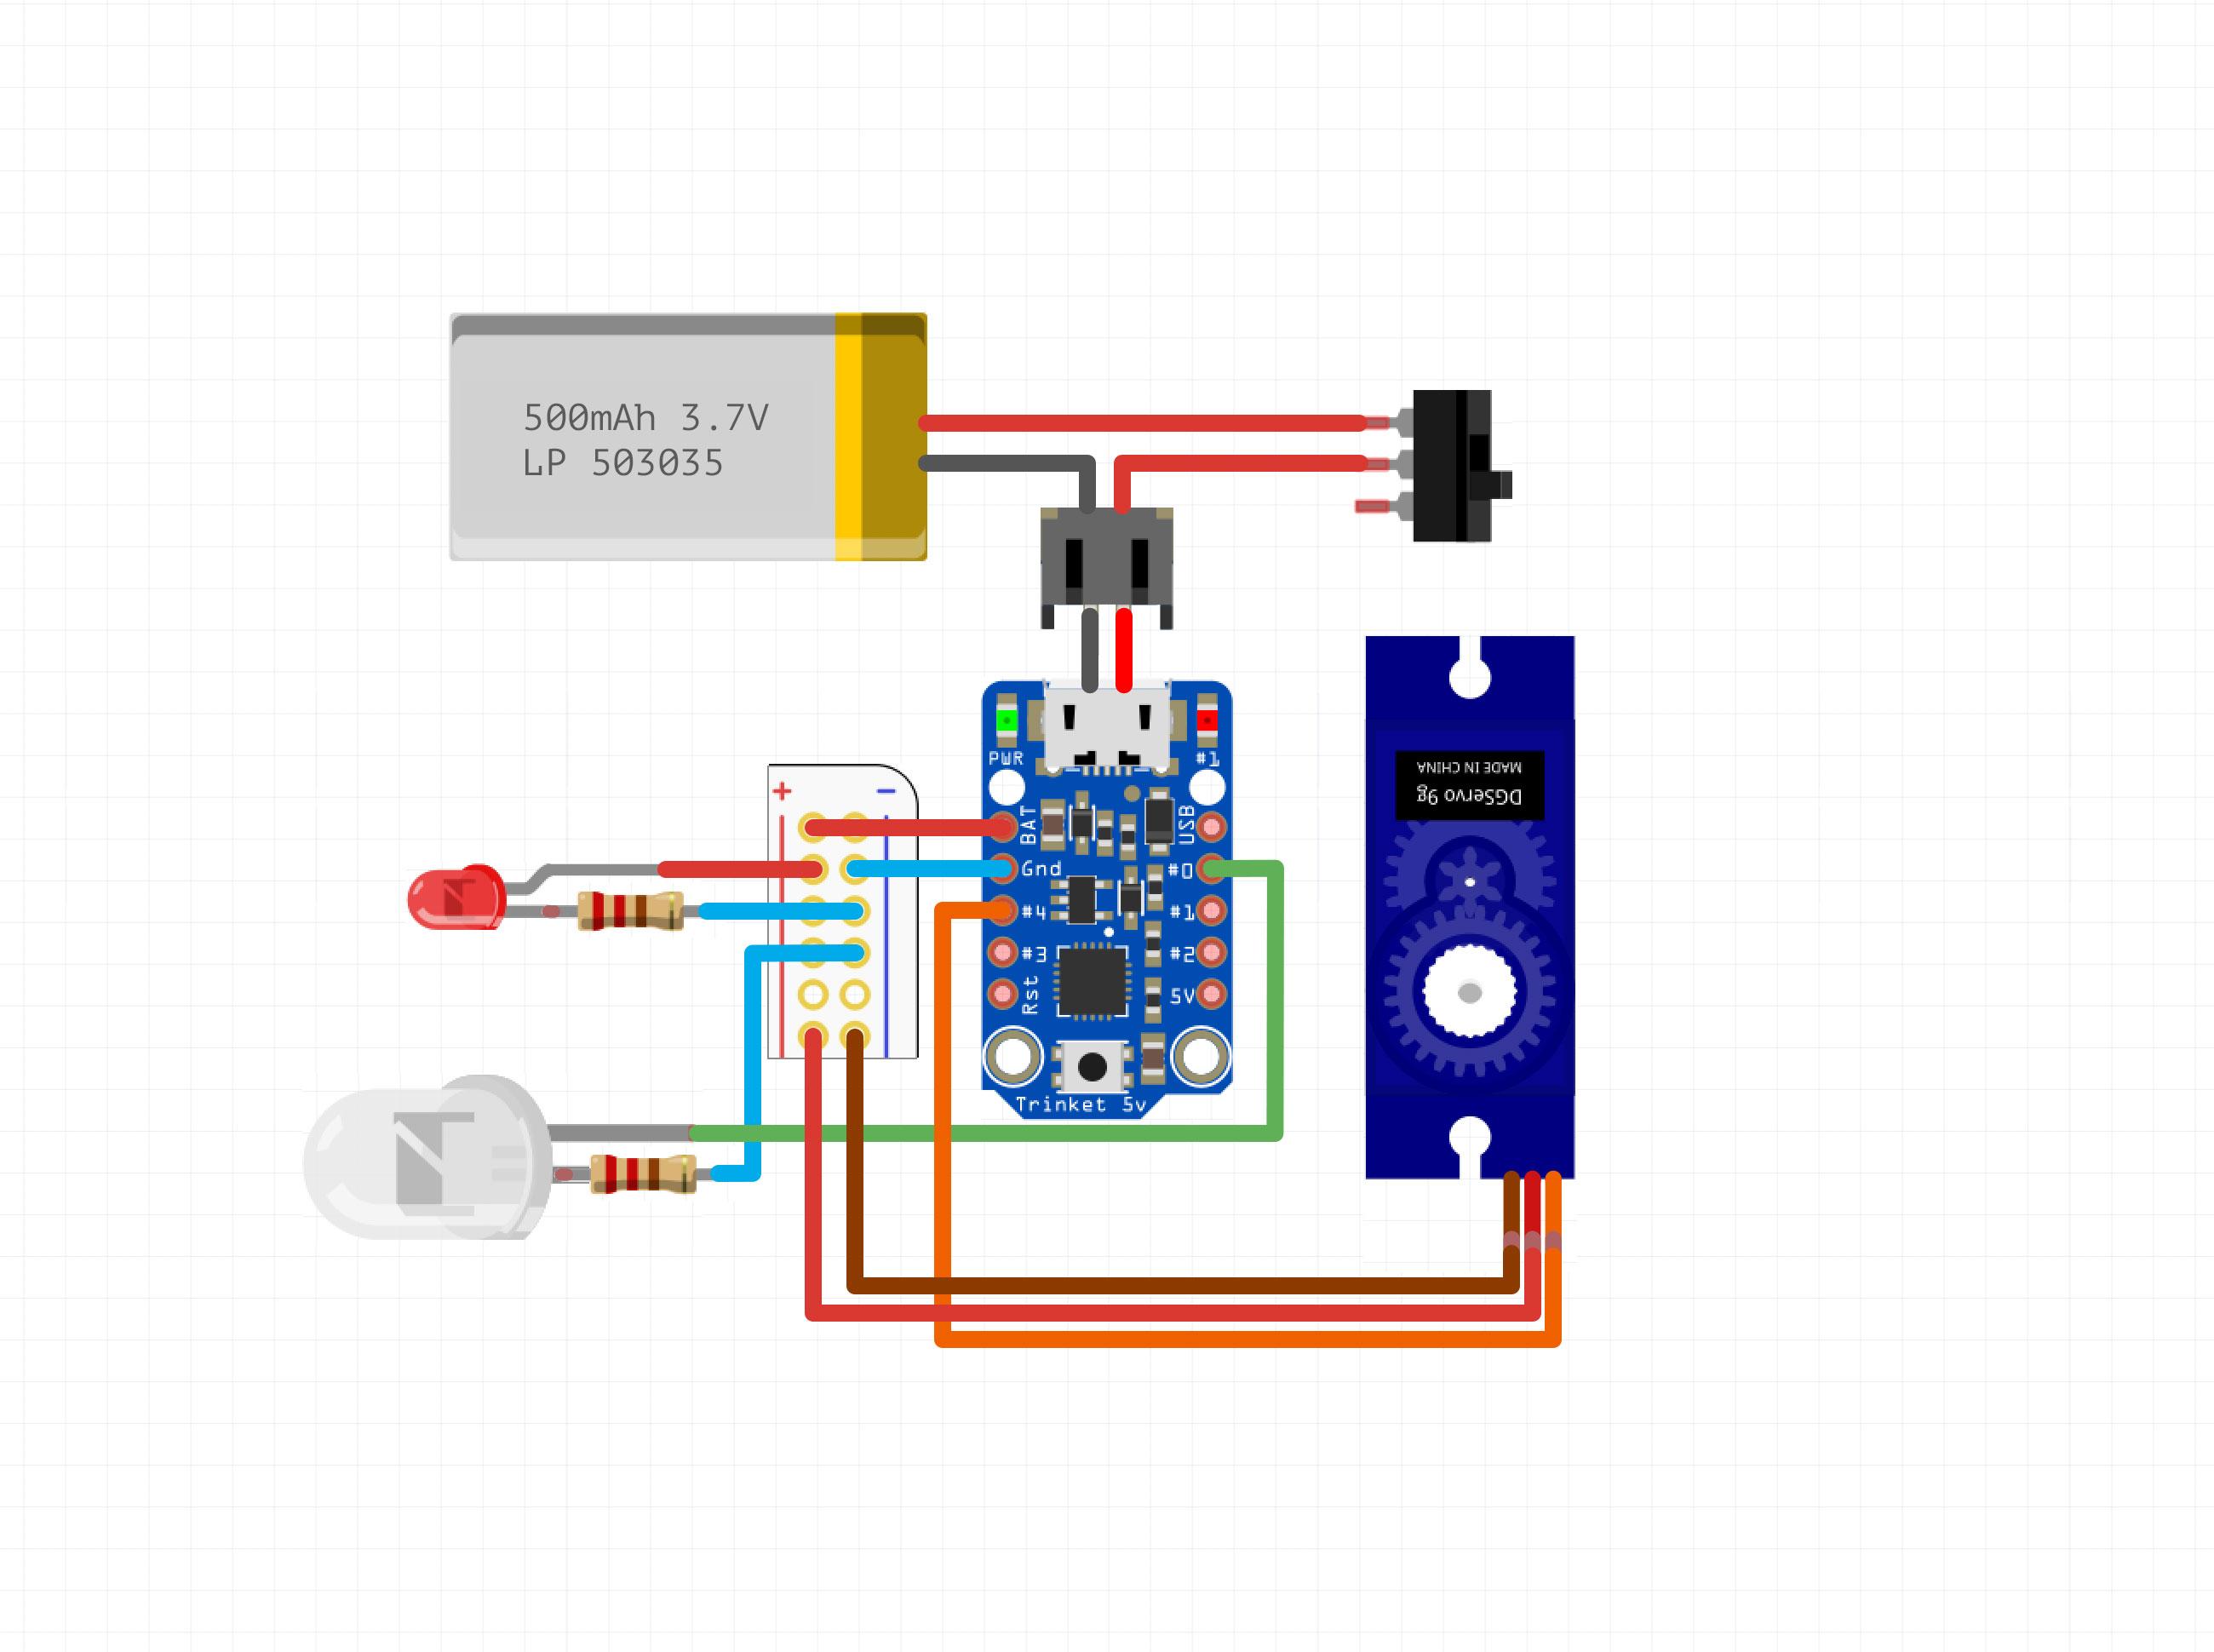 hacks_leds_circuit-diagram.jpg